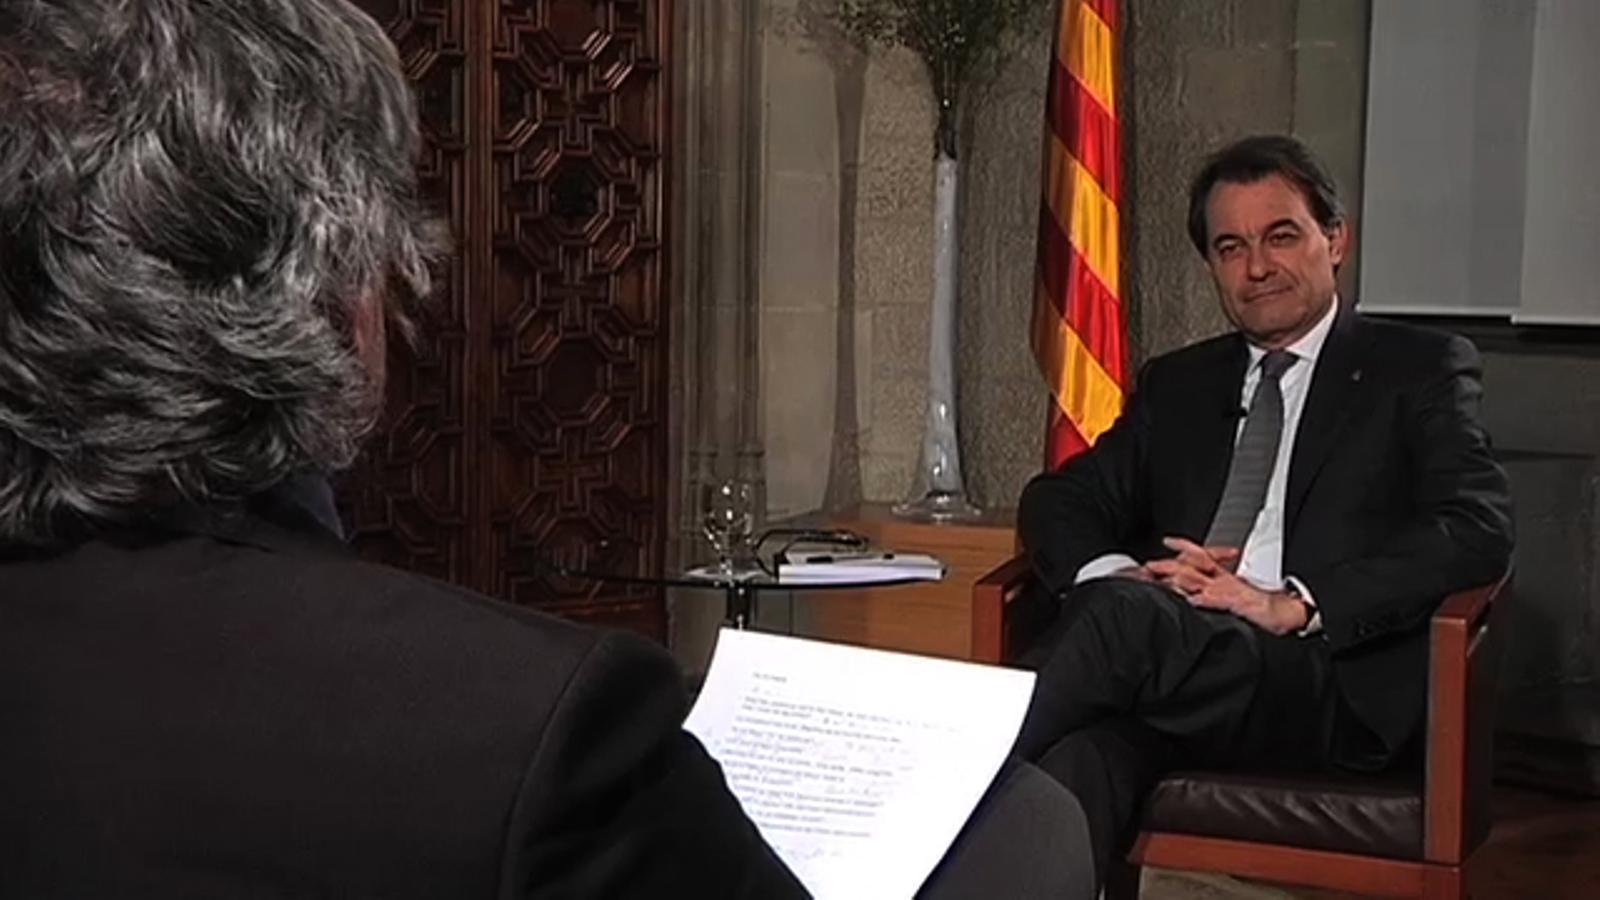 Qüestionari de Carles Capdevila a Artur Mas